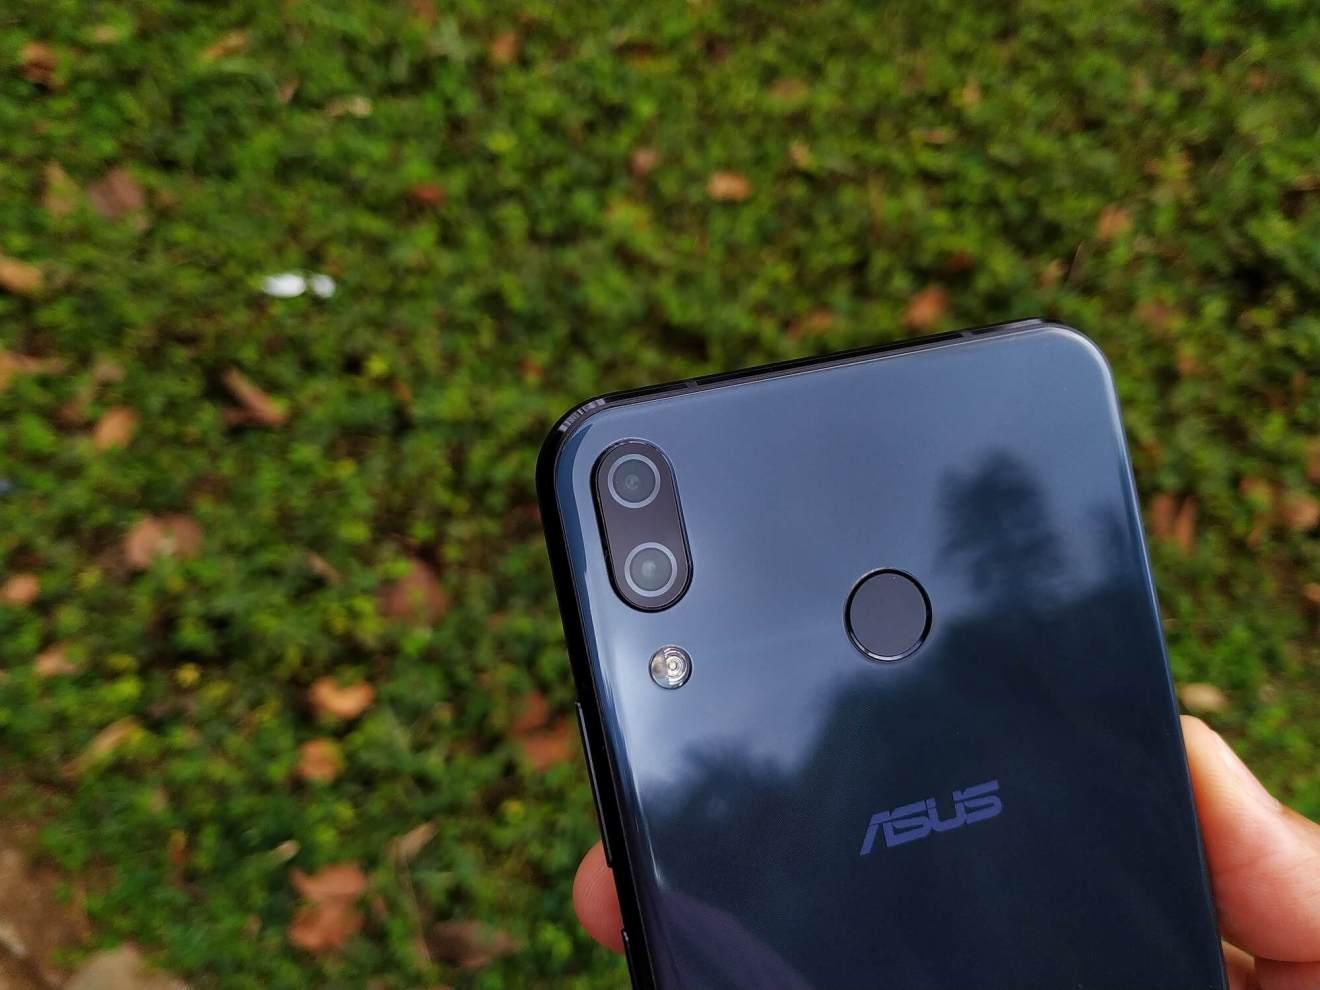 IMG 20180815 162901 1 - Review: Zenfone 5, o smartphone mais ambicioso já lançado pela Asus